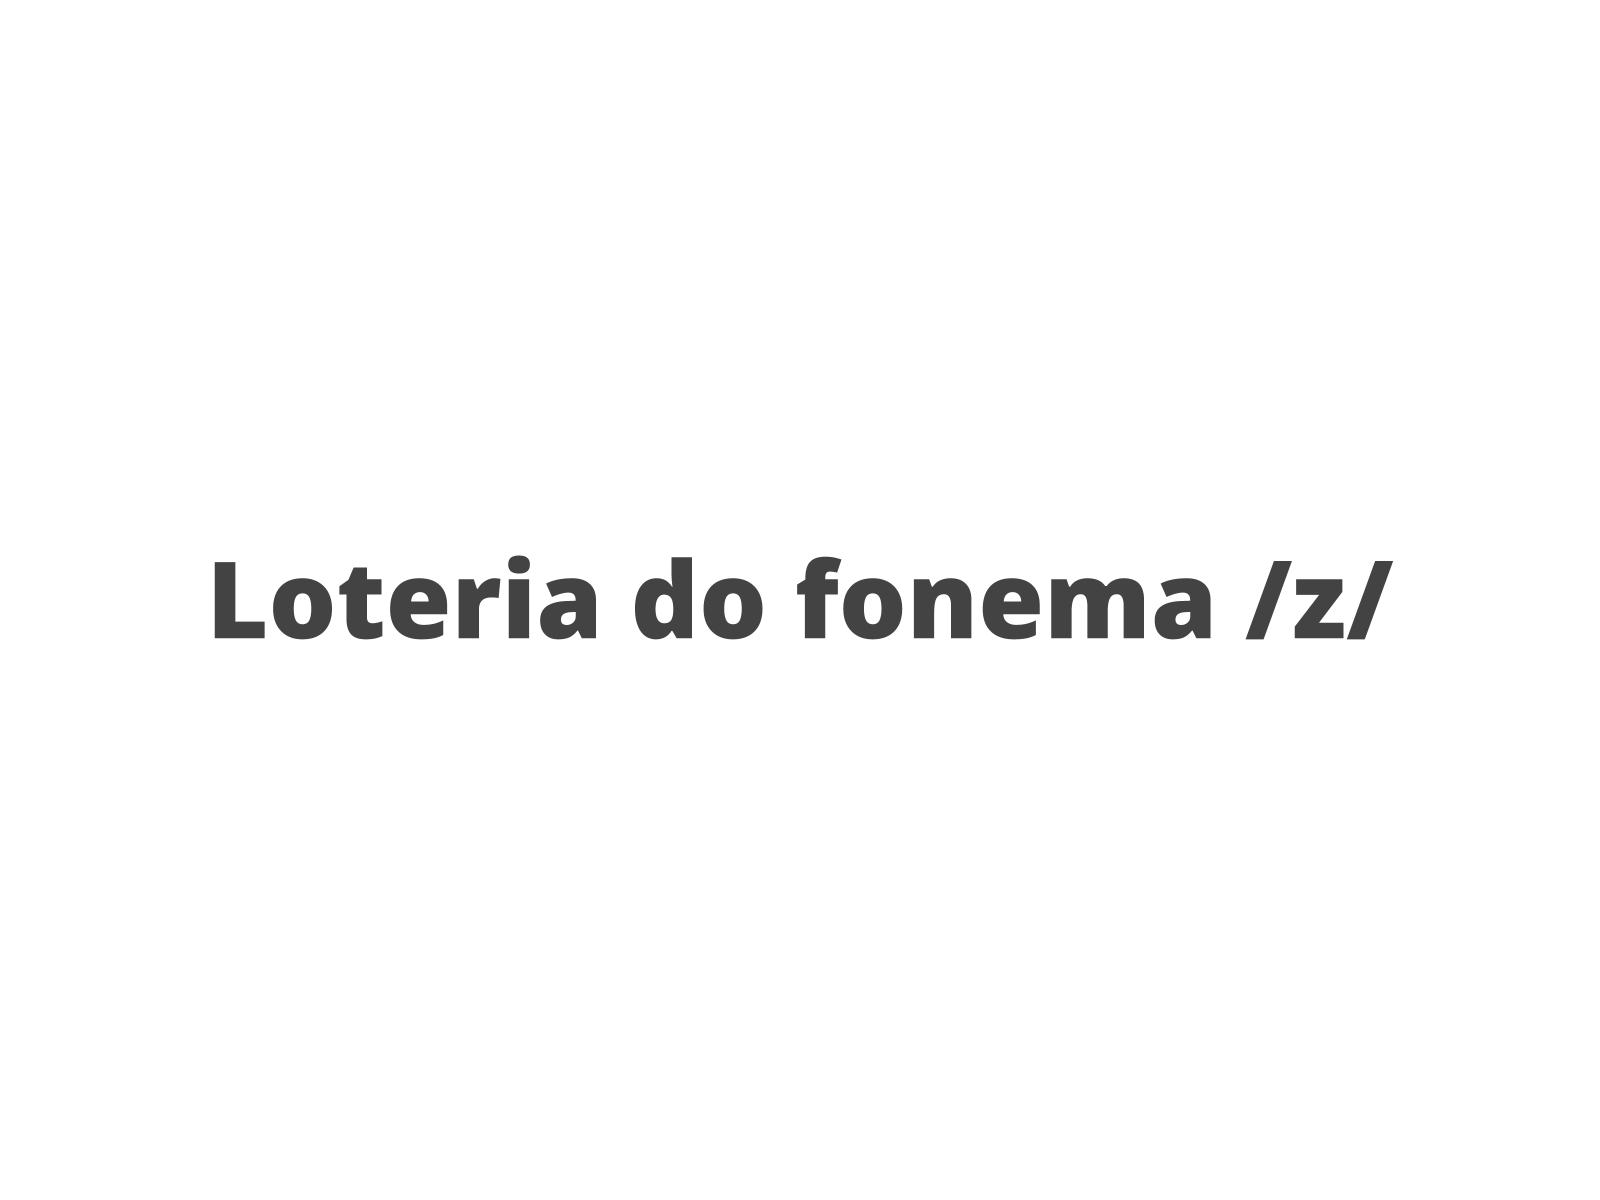 Loteria do fonema /z/